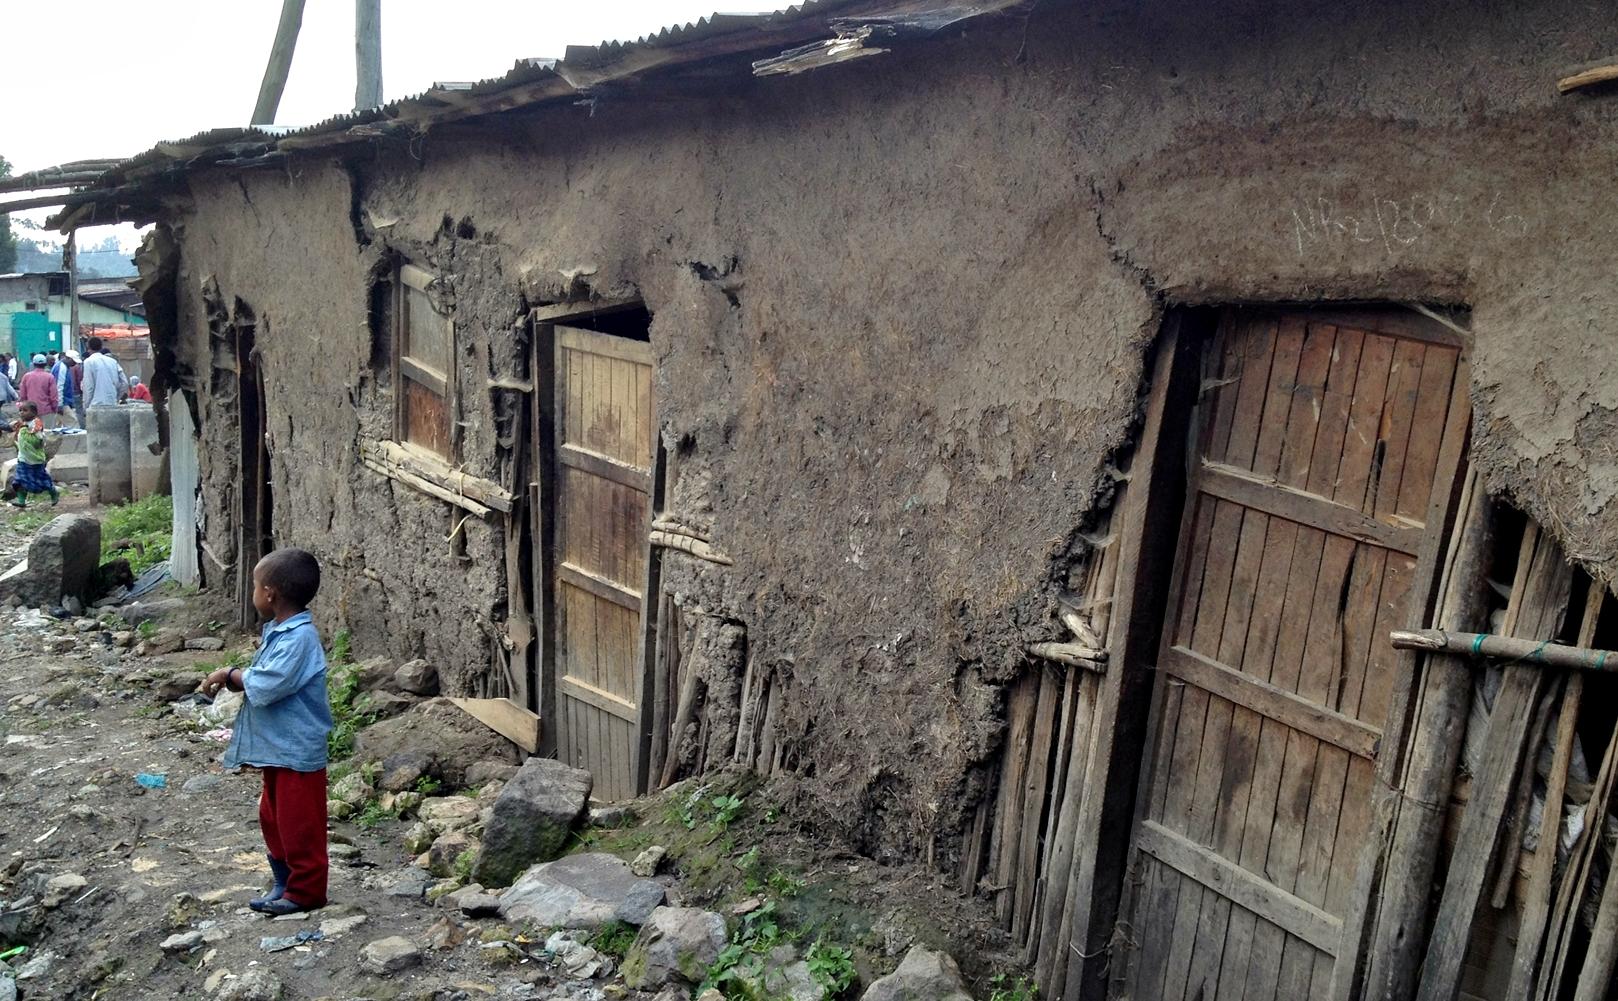 A slum in Ethiopia.